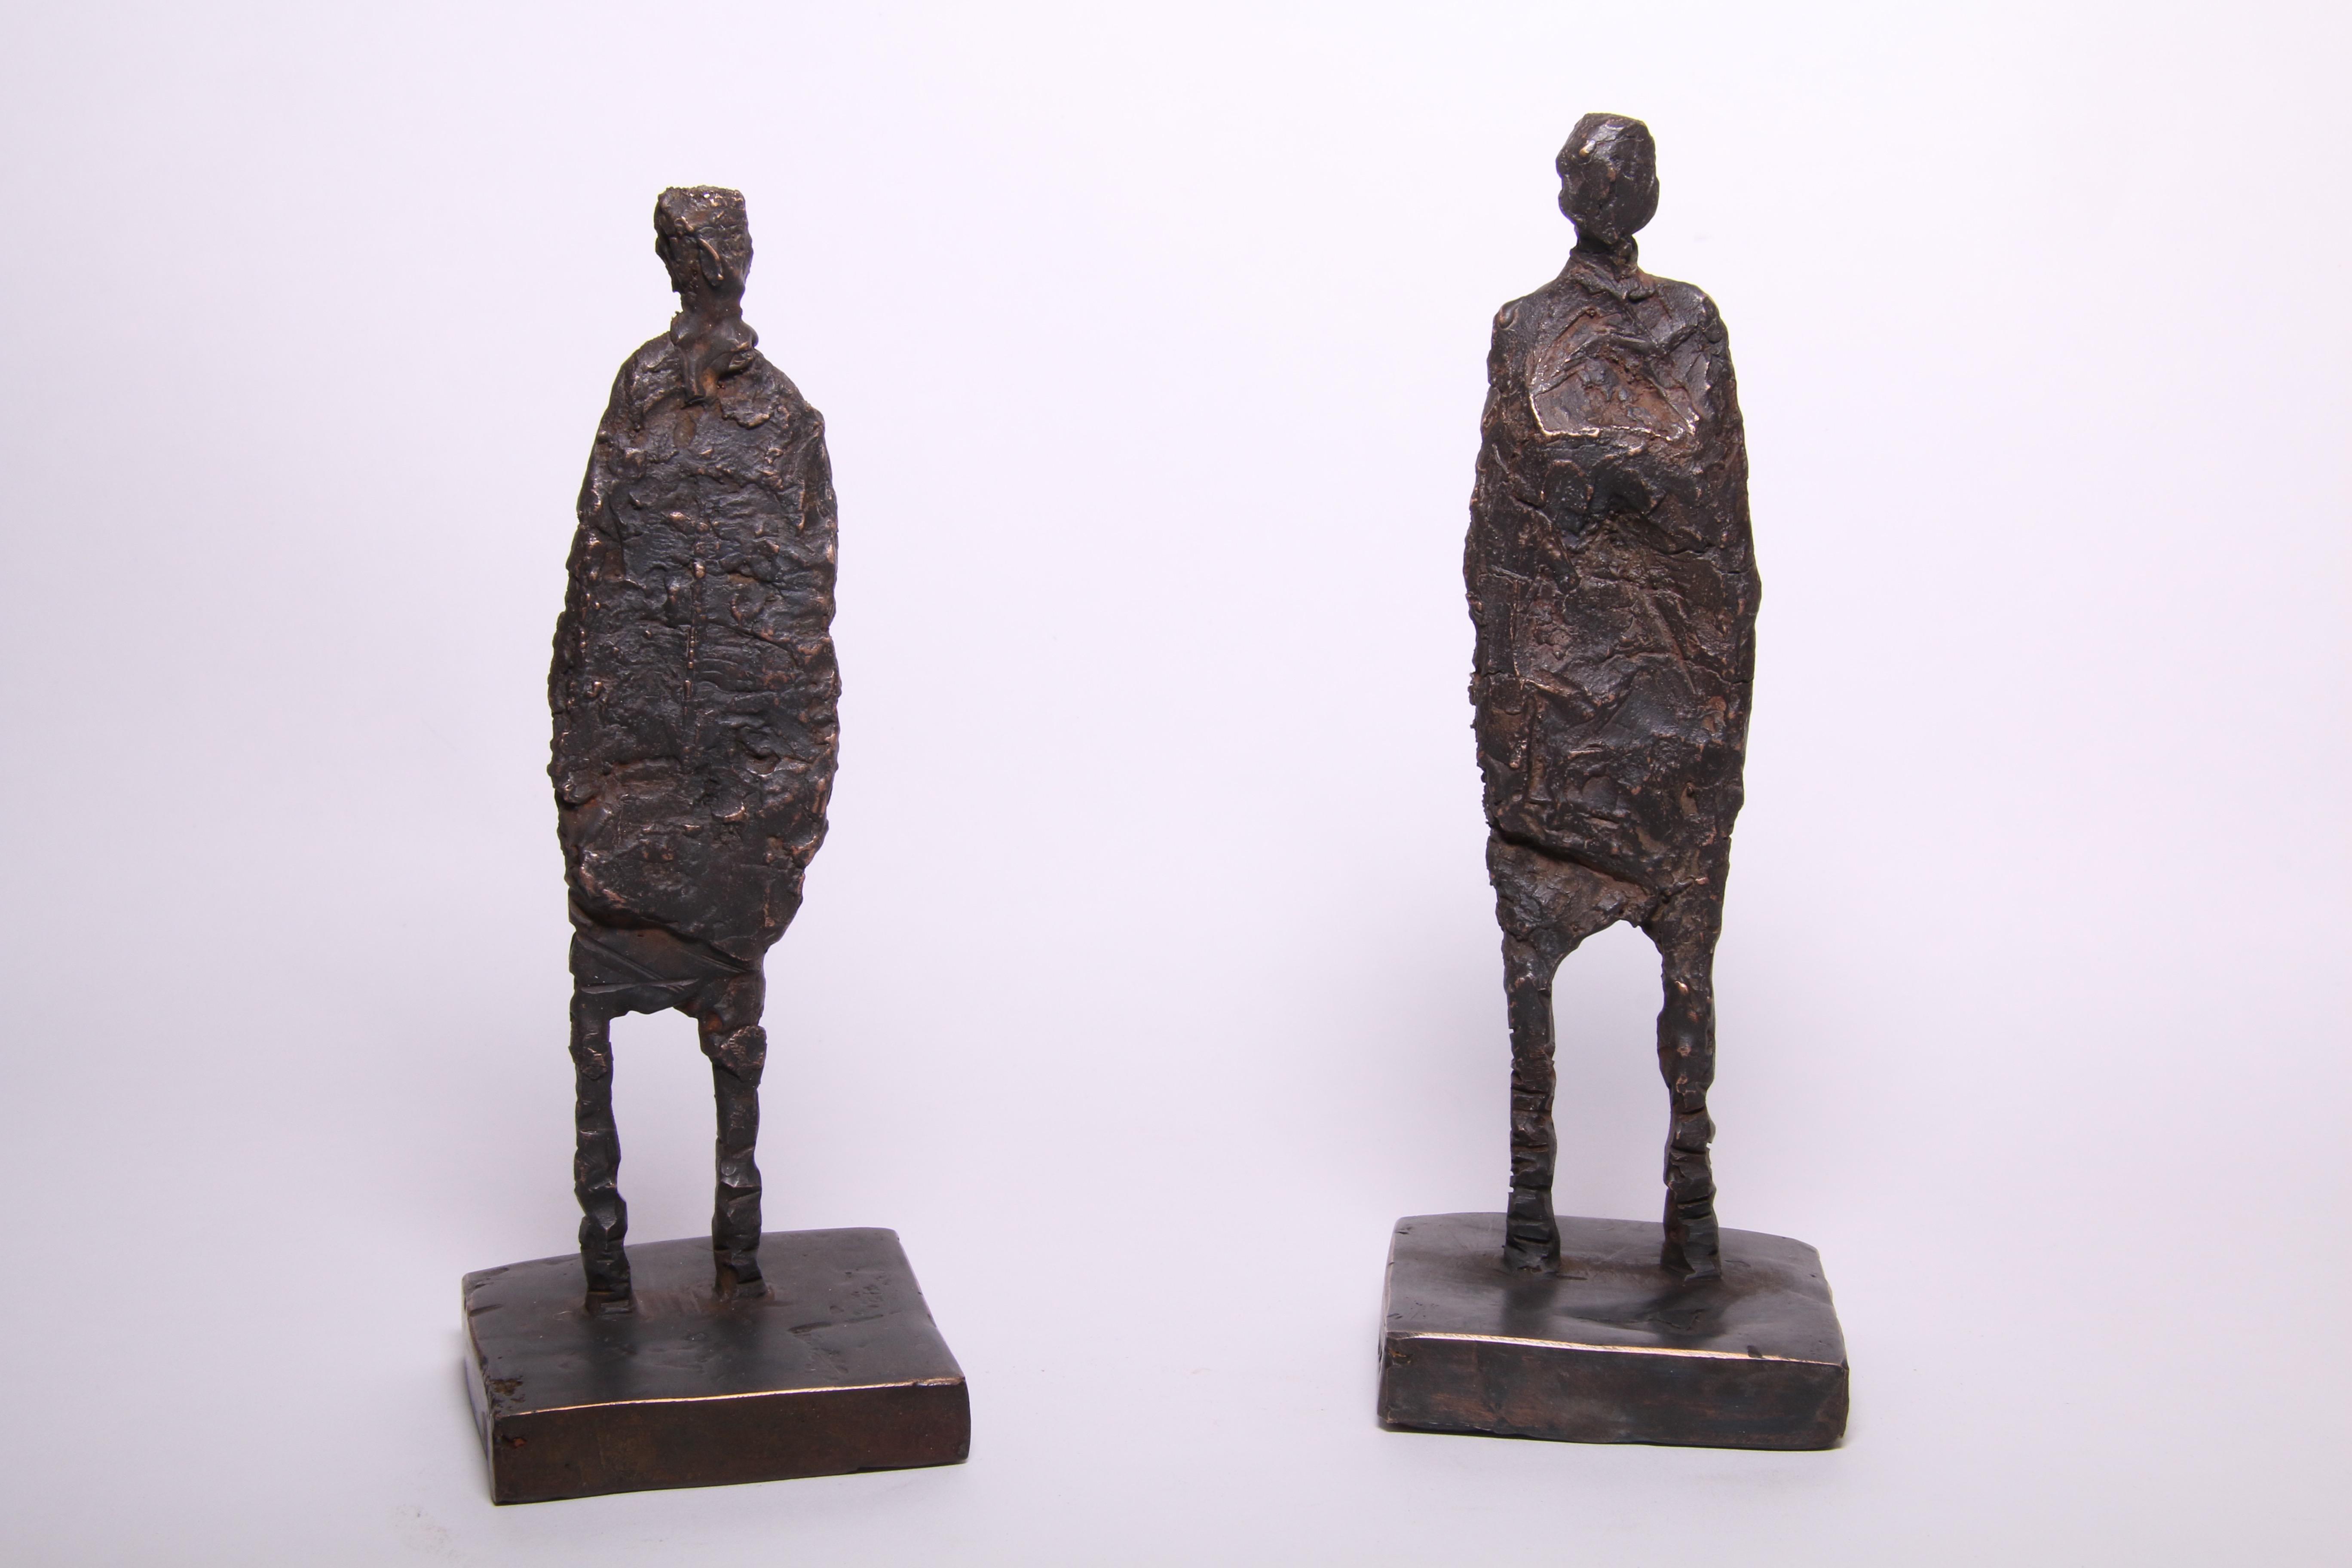 Bronze figures 190 high x70mm wide